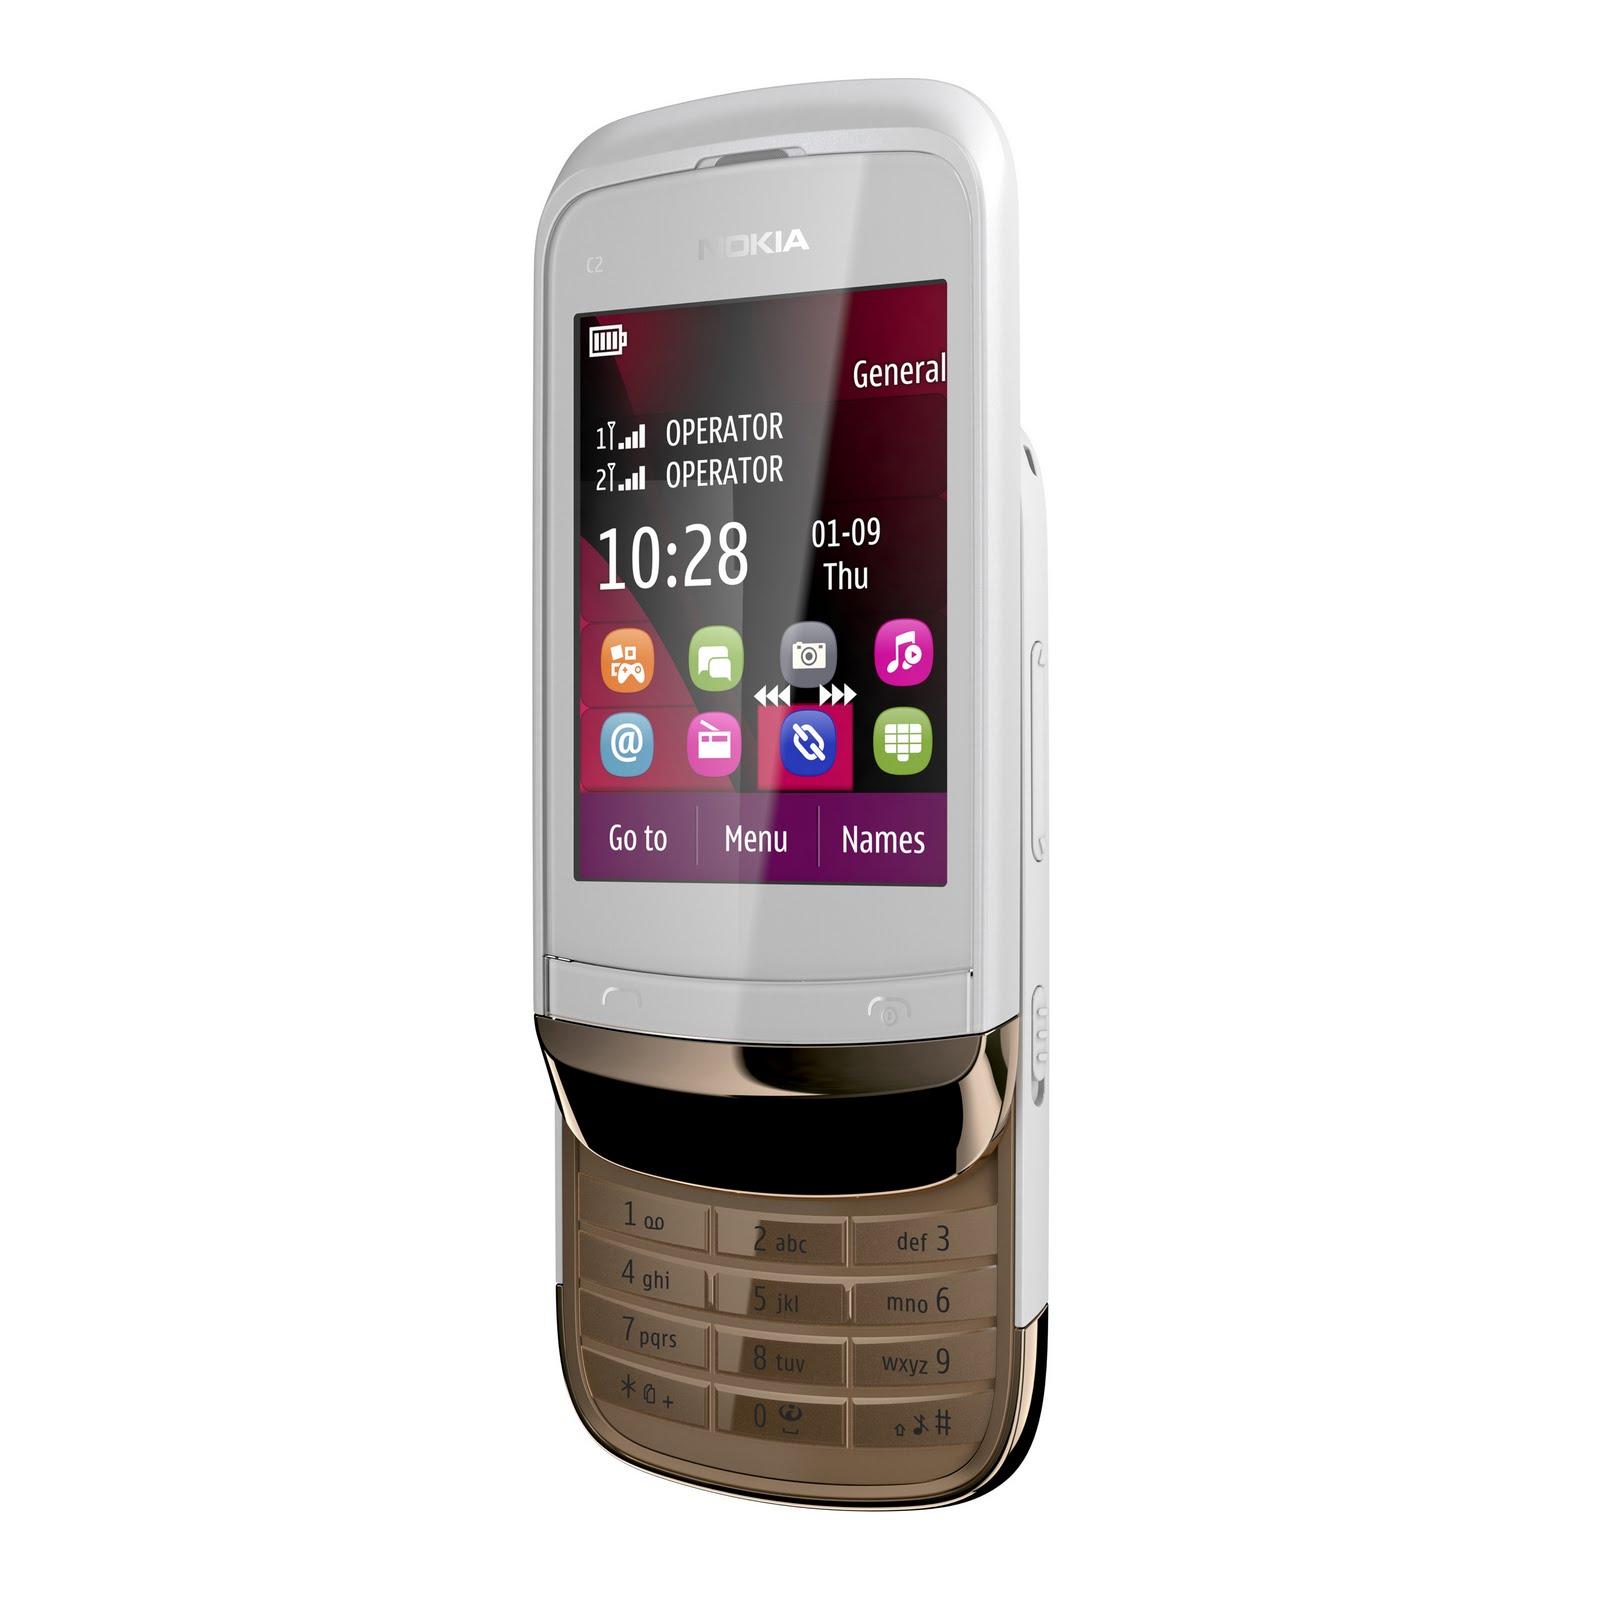 Nokia C2 06 vazam fotos do novo celular com suporte a